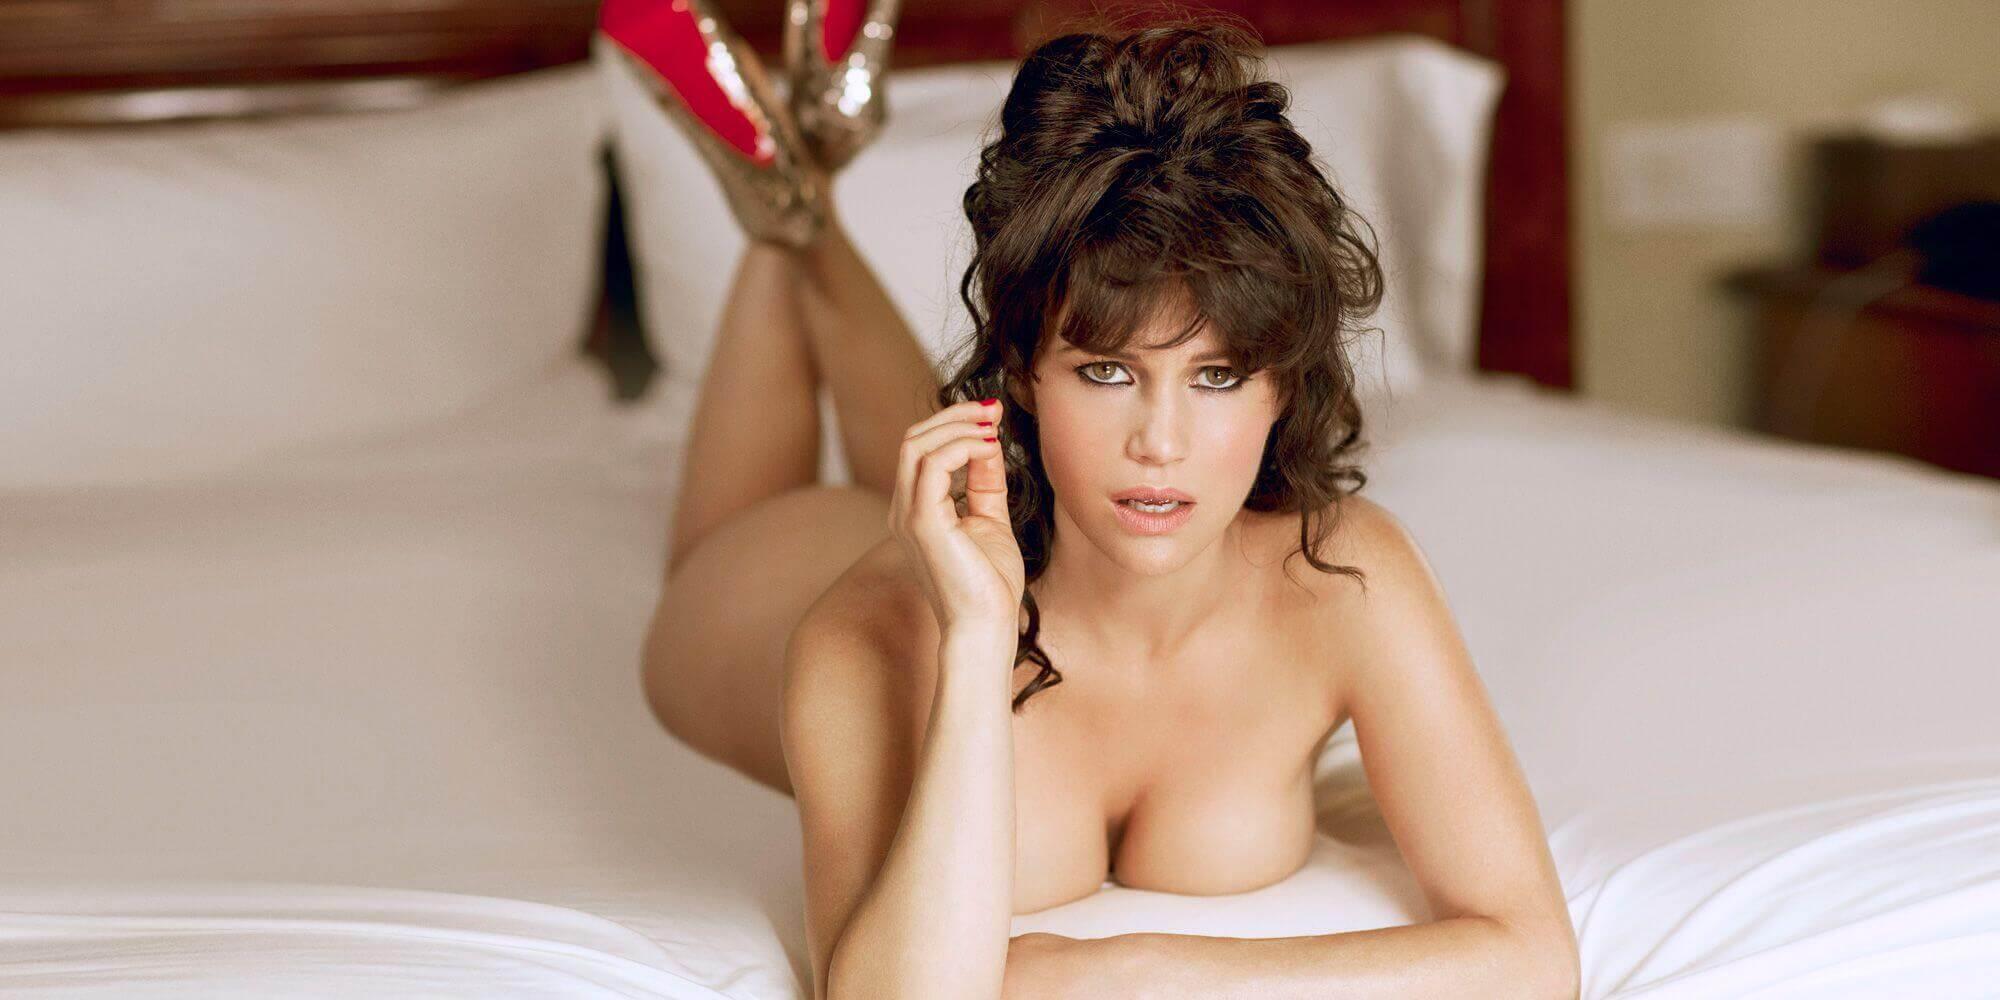 Carla Gugino sexy near nude pic